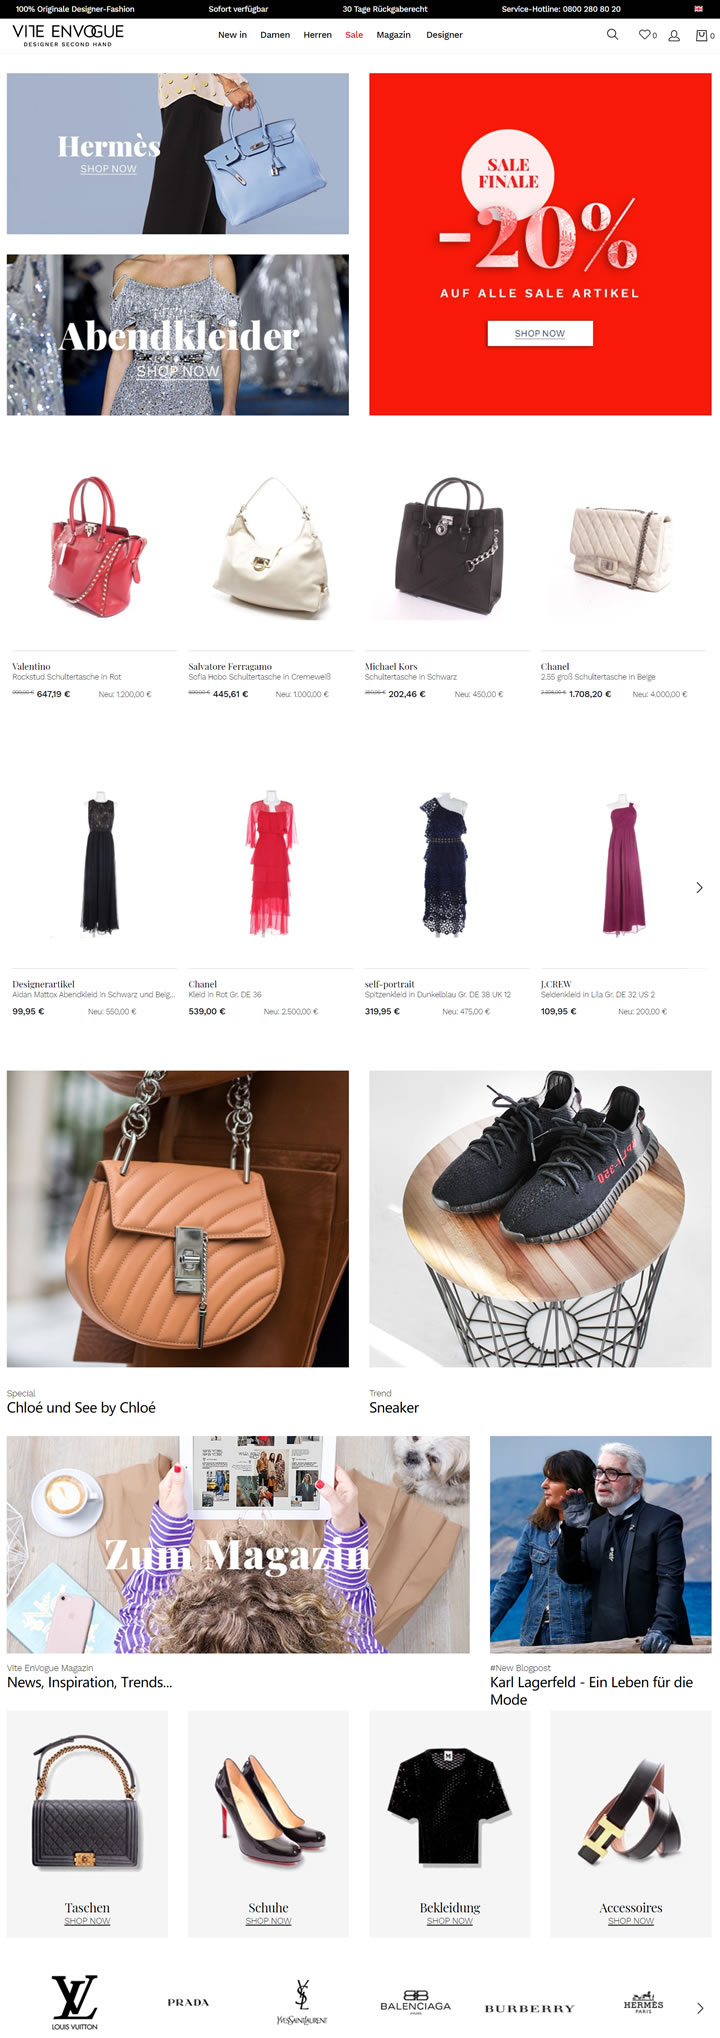 德国豪华二手设计师时装商店:Vite EnVogue